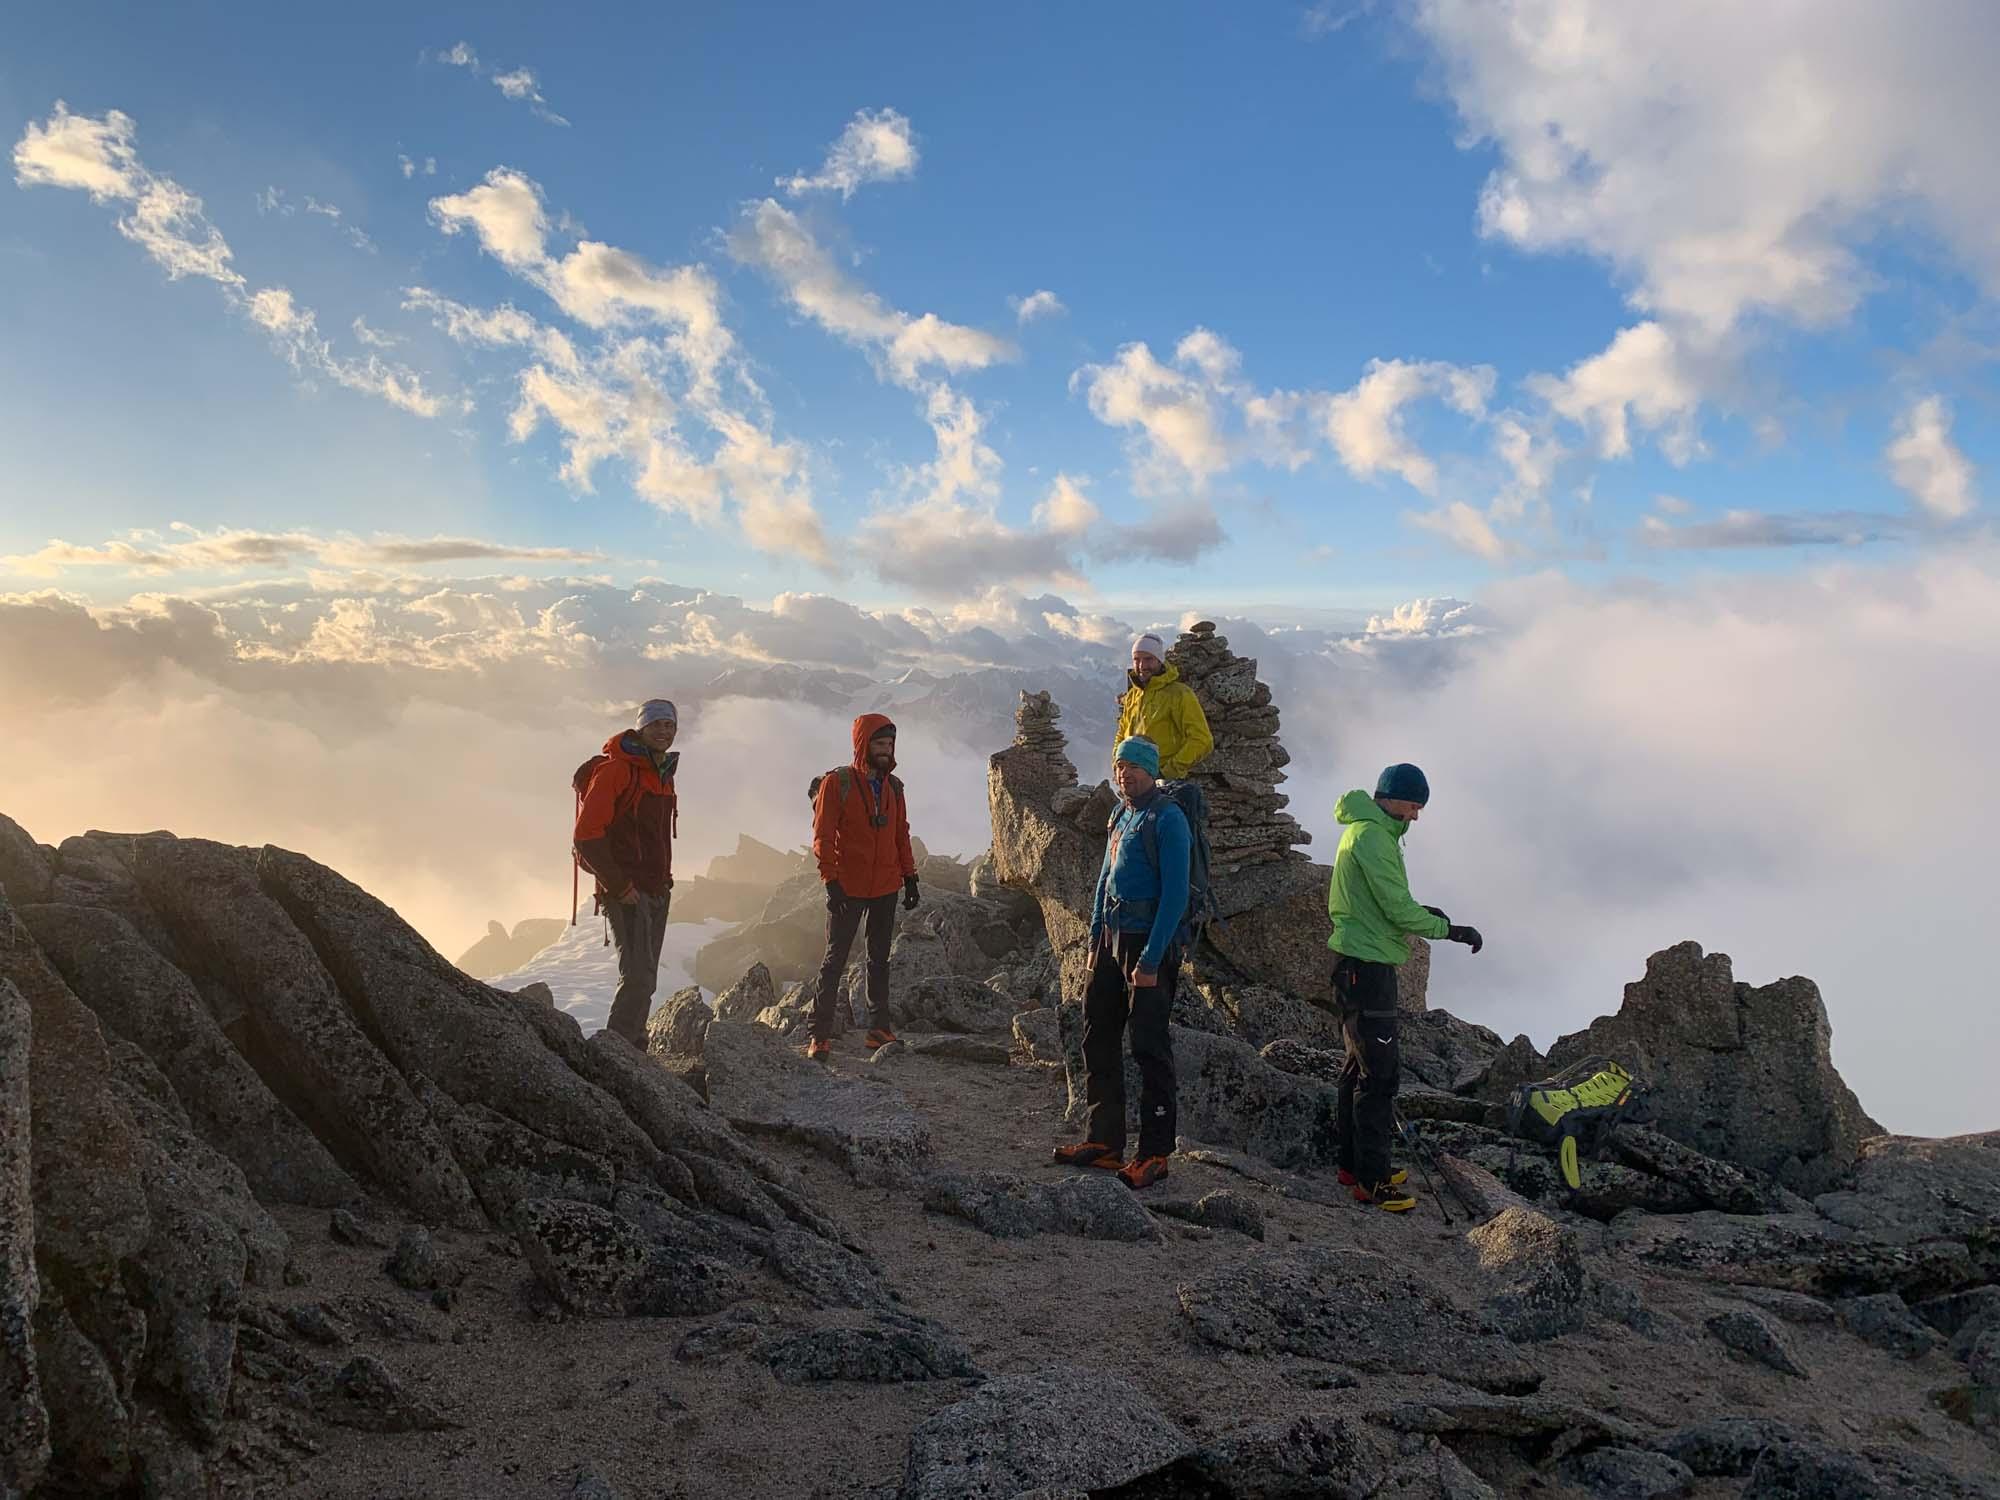 ALPINIST: Alpintage Eis / Westalpen Level 2